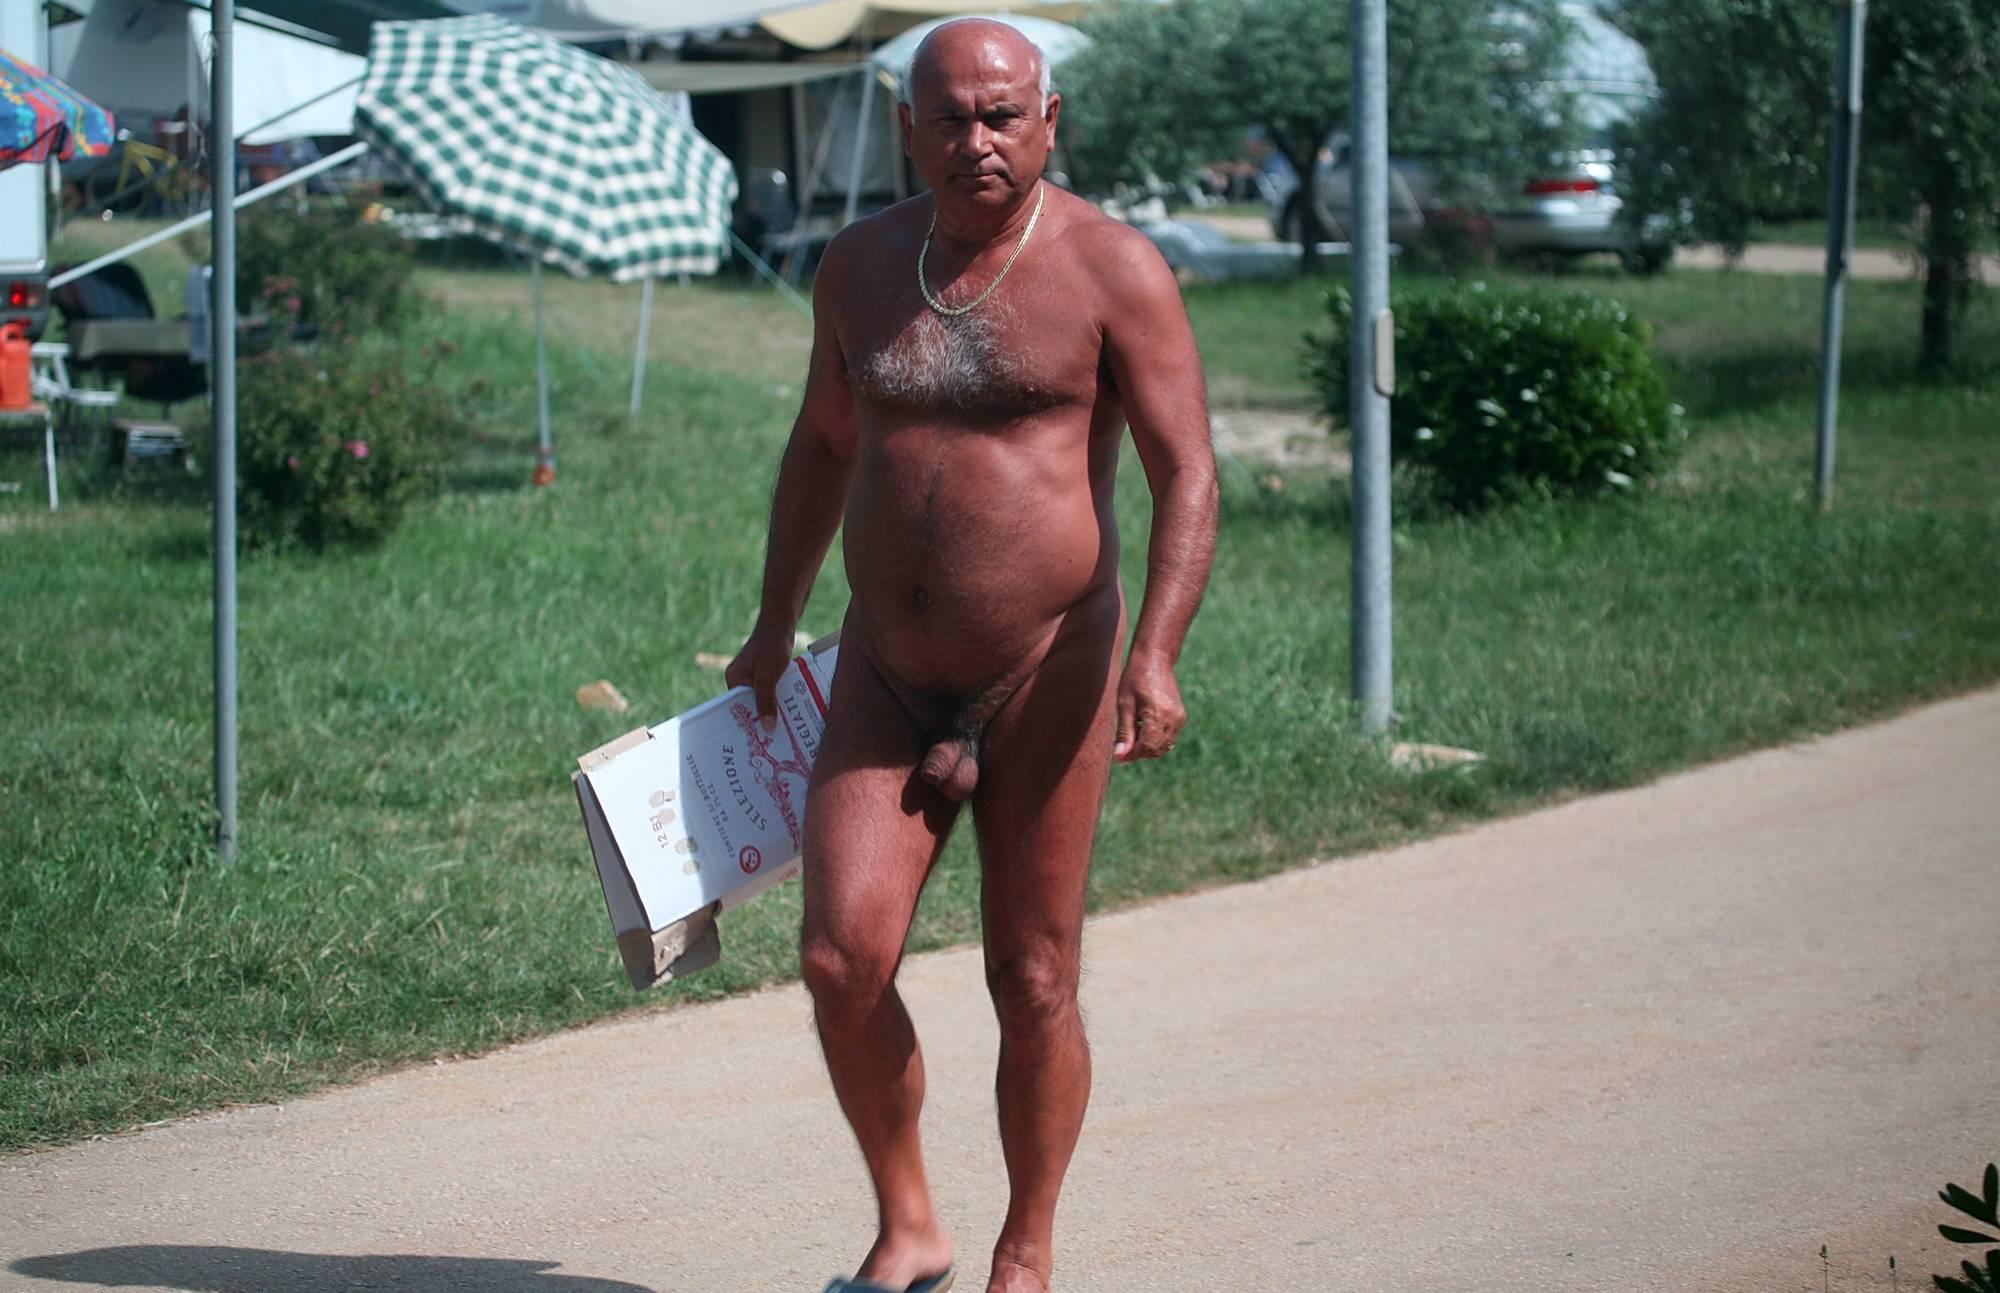 Nudist Pics Naturist Sidewalk Stroll - 2